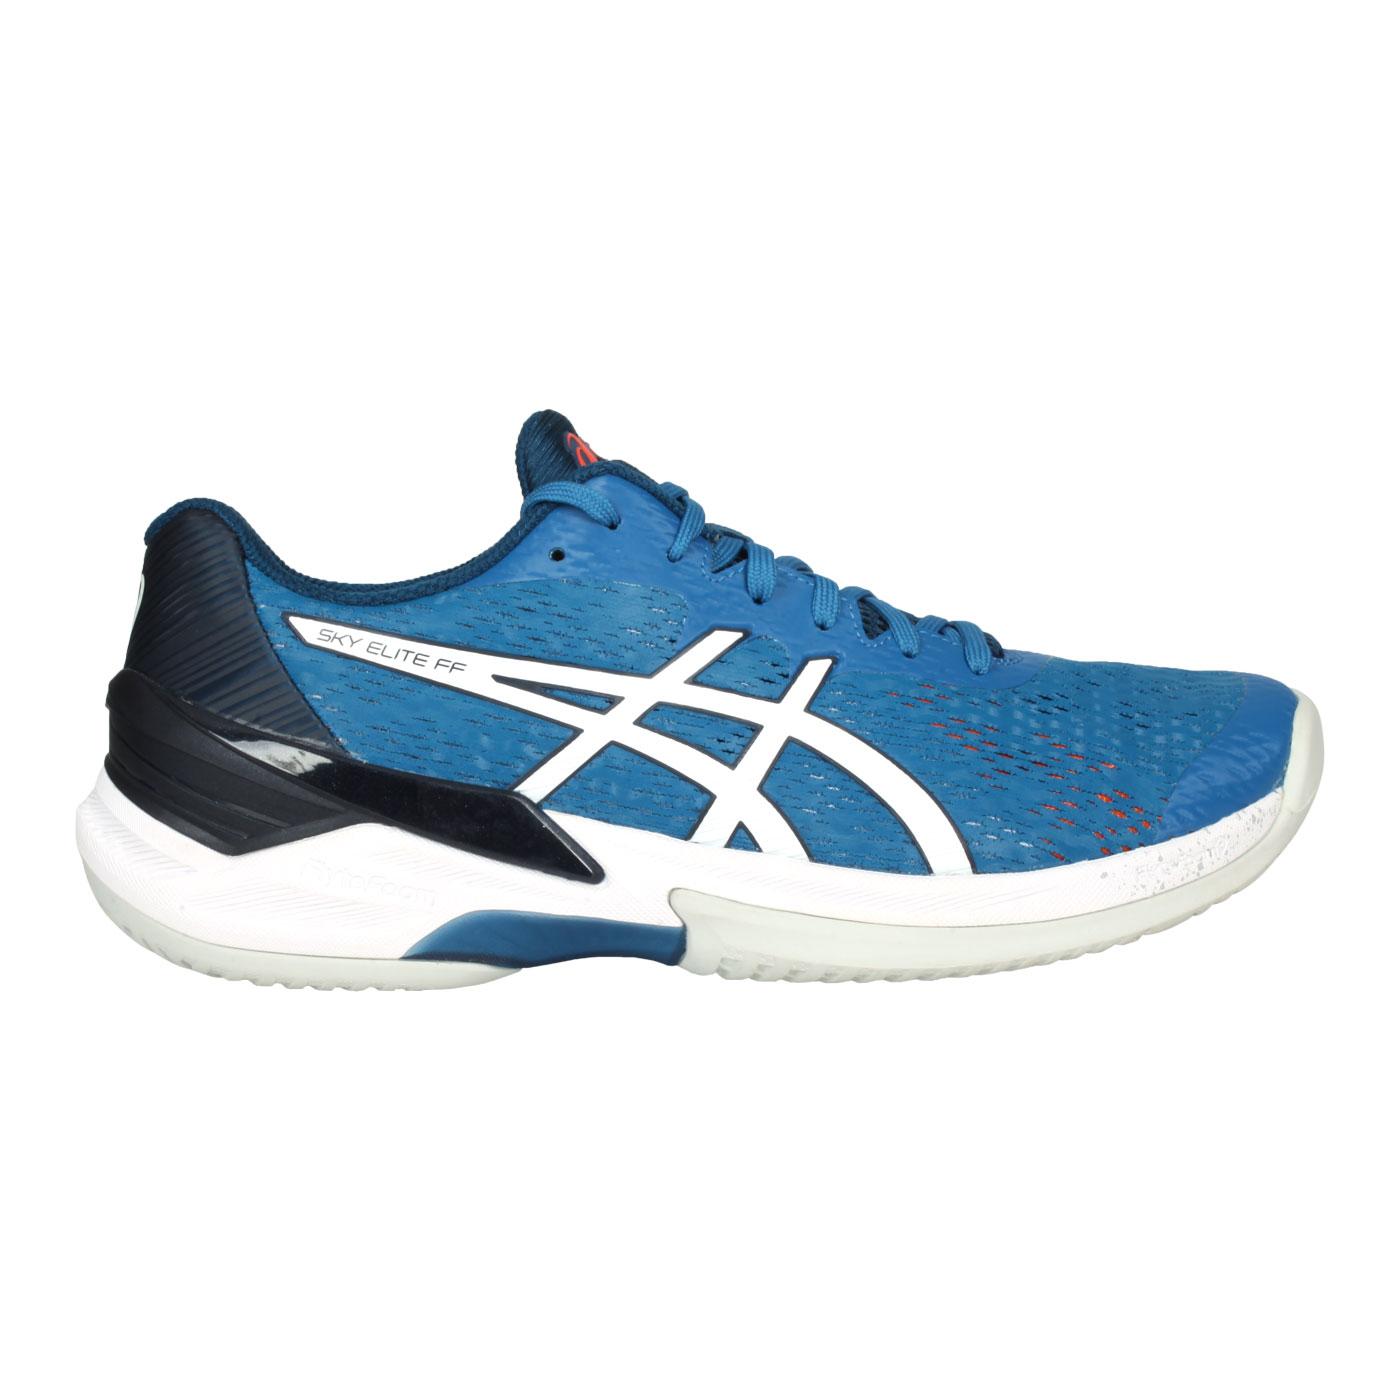 ASICS 男款排羽球鞋  @SKY ELITE FF@1051A031-404 - 藍白黑